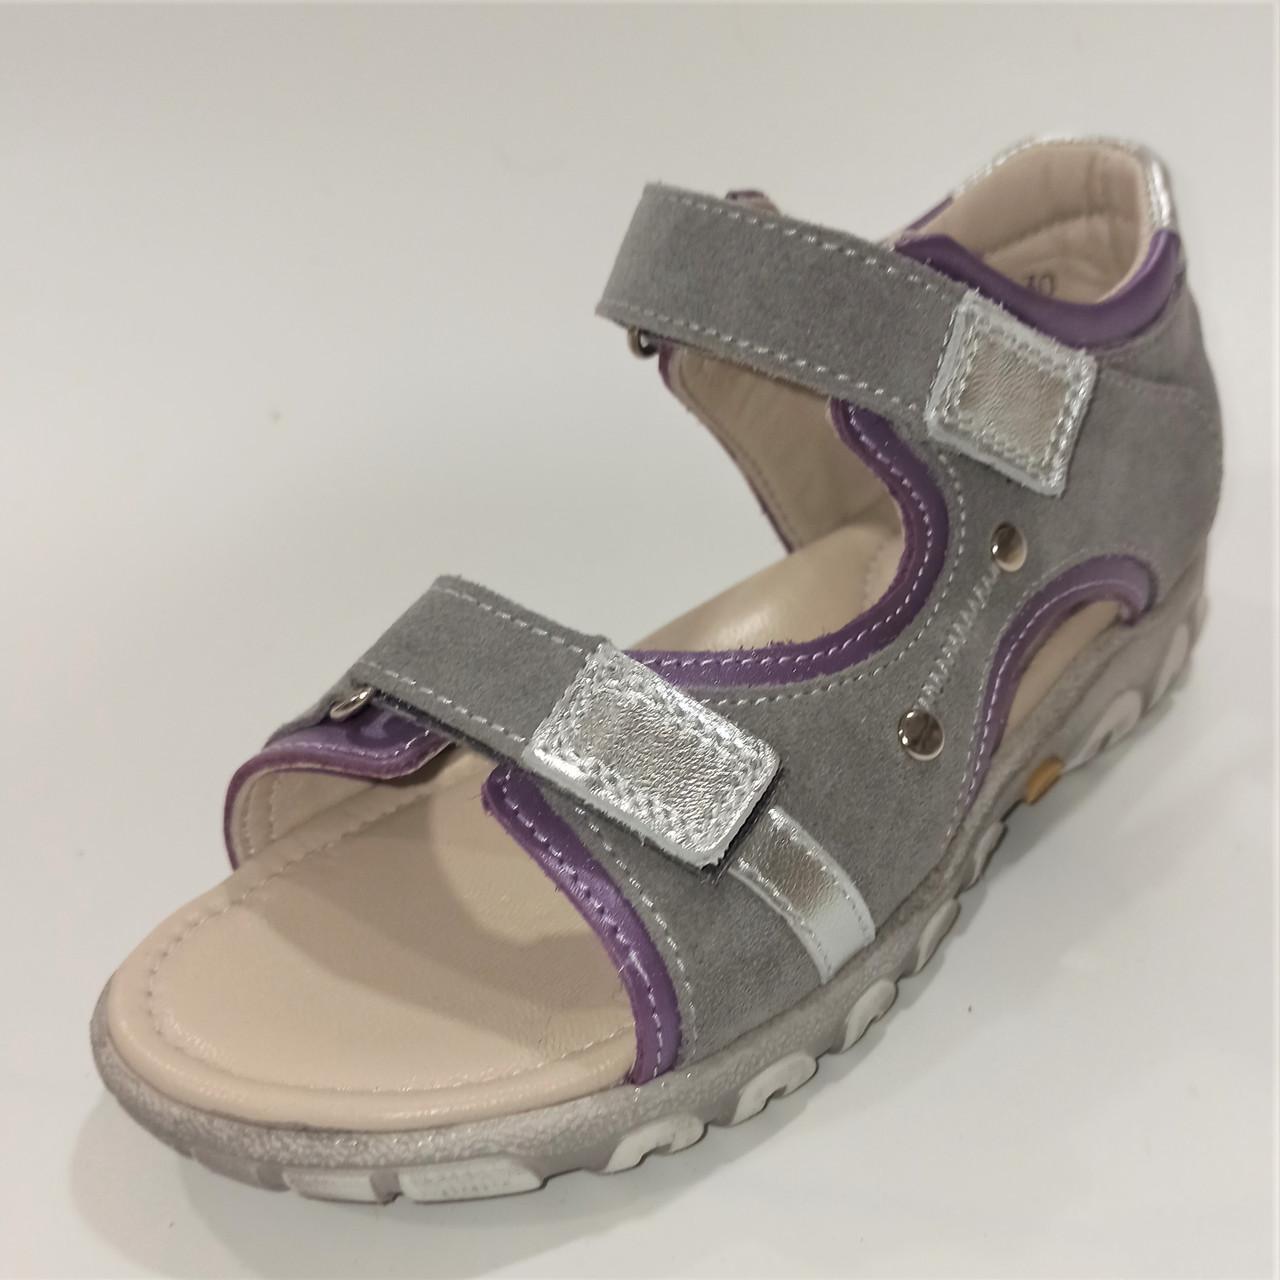 Ортопедичні сандалі спорт, Orthobe (код 1231) розміри: 30-33